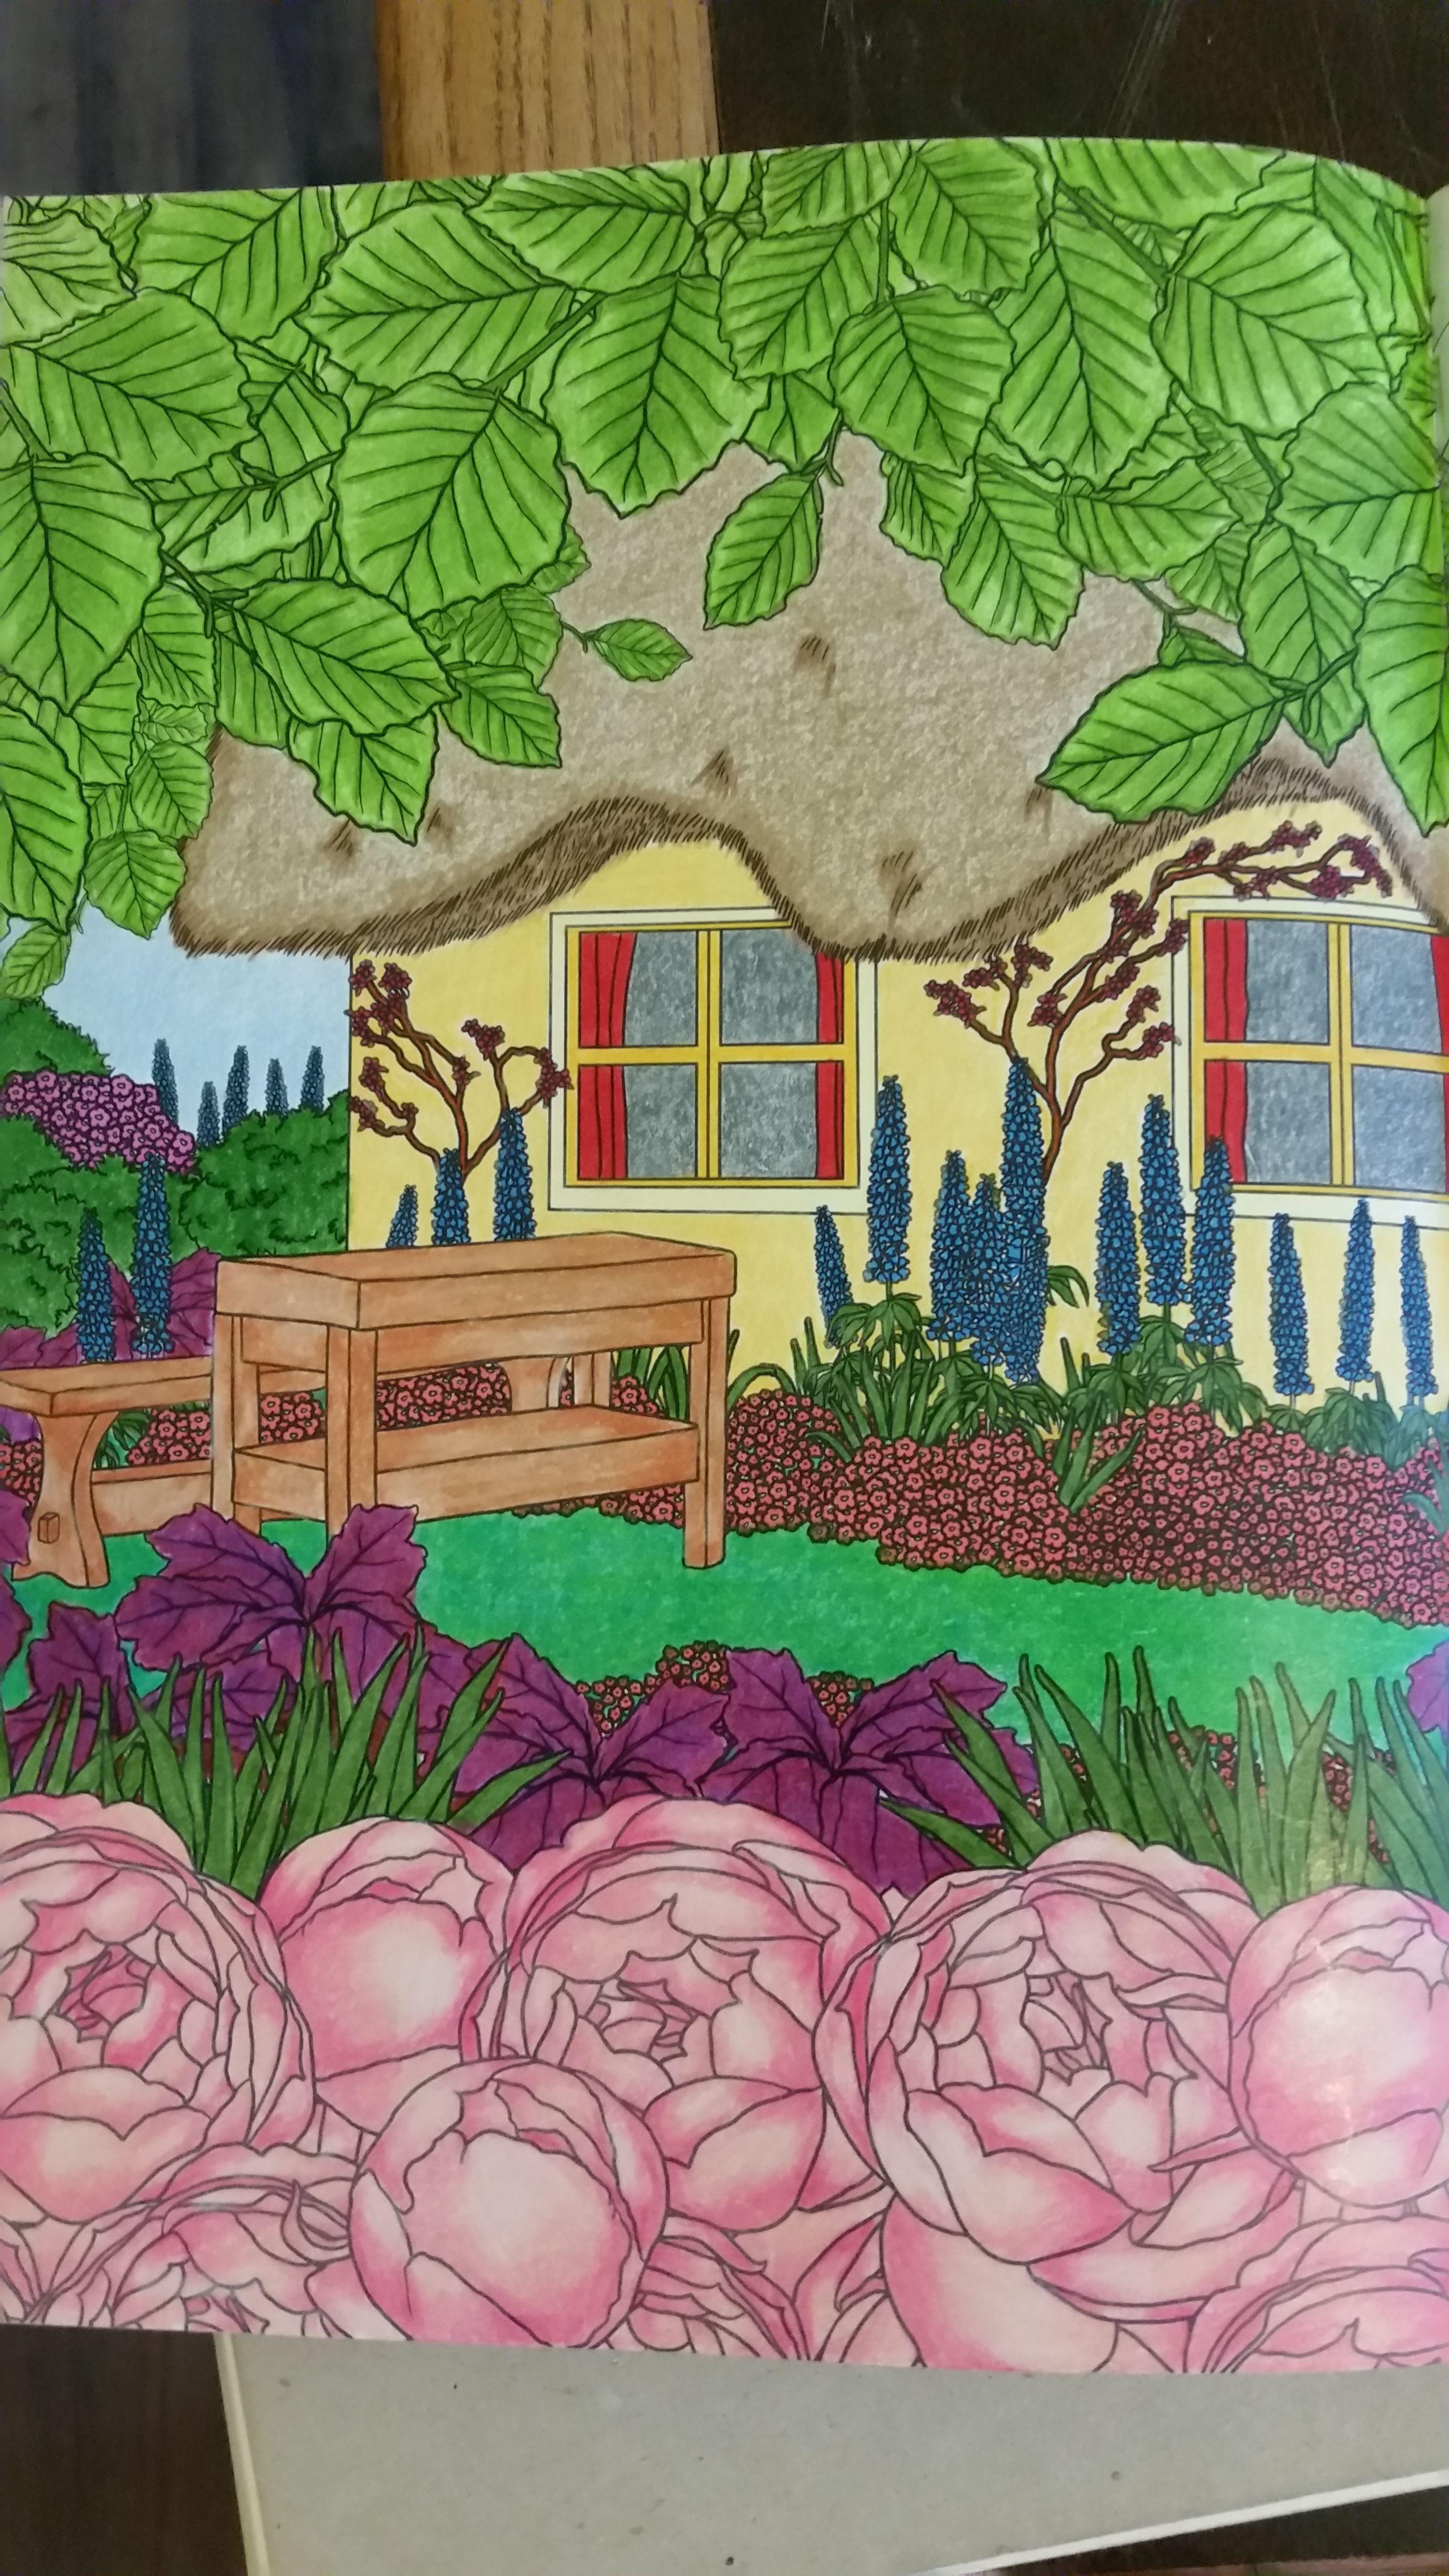 Du livre printemps 100 coloriages anti stress de hachette art th rapie arttherapy hachette - Coloriage art therapie ...